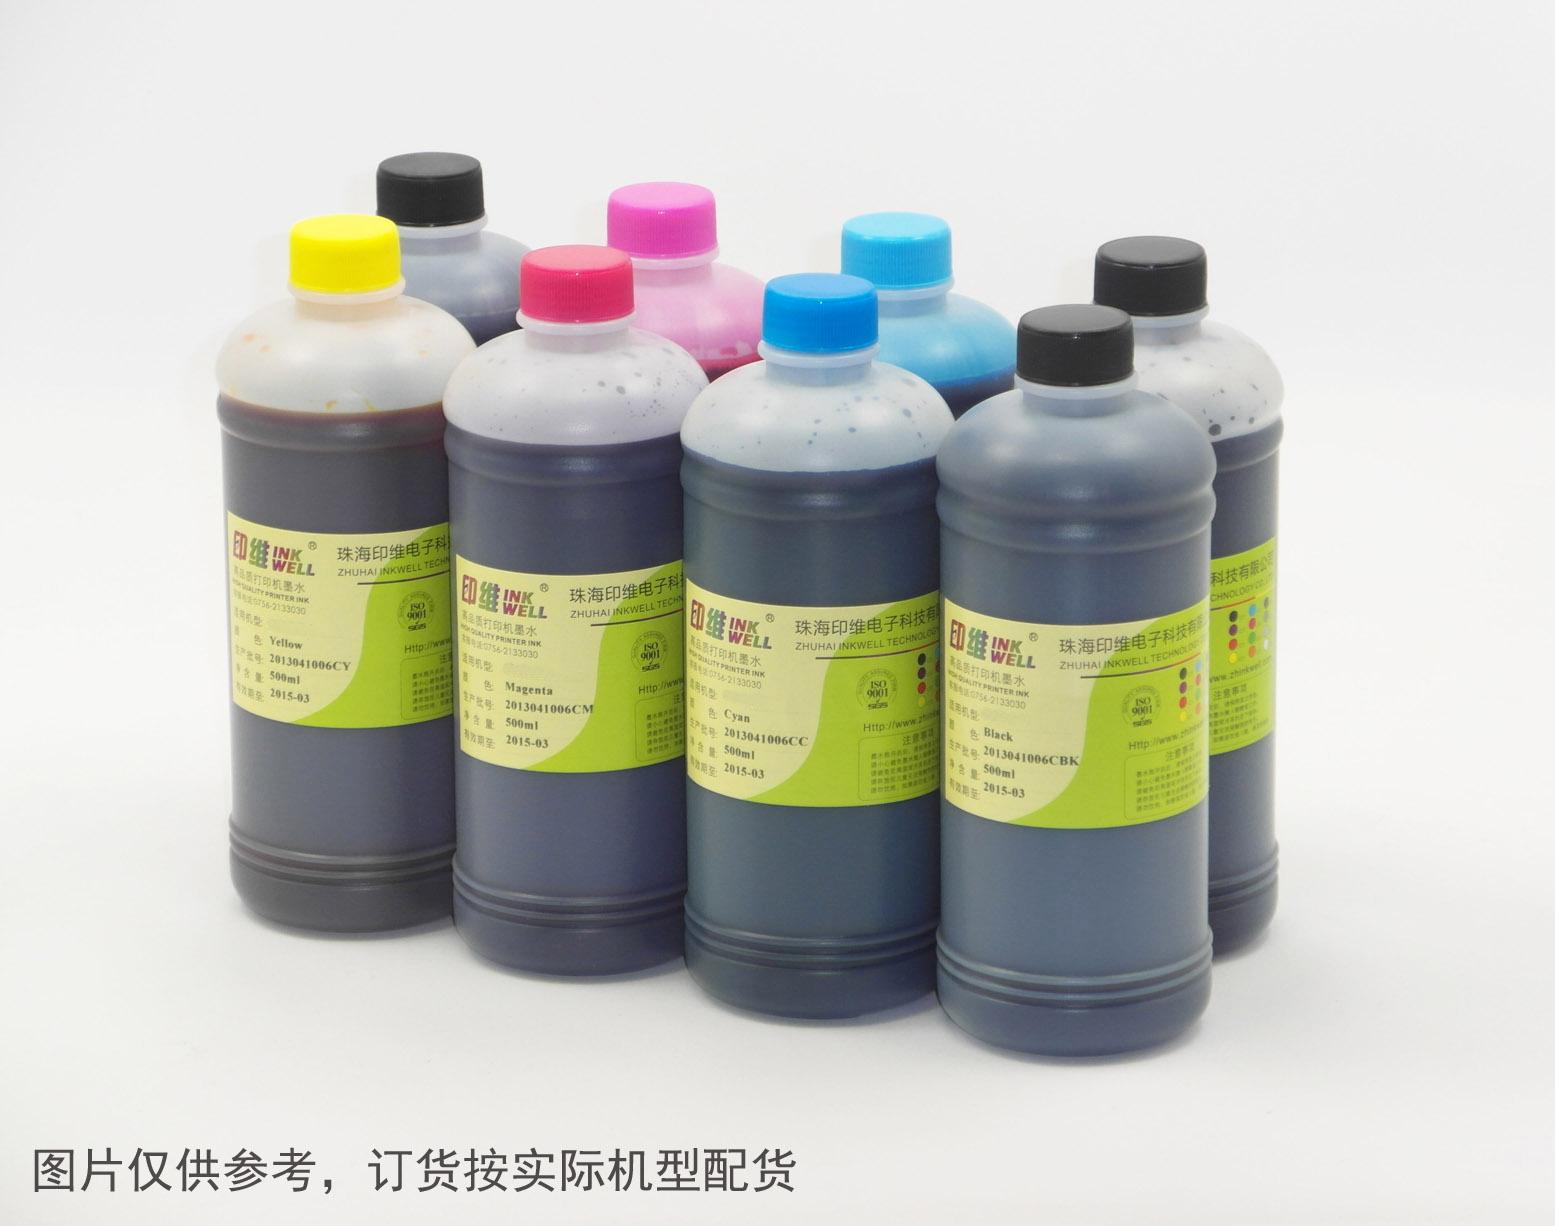 印维 CANON IPF710墨水 IPF710填充墨水 IPF710兼容墨水 1000ML